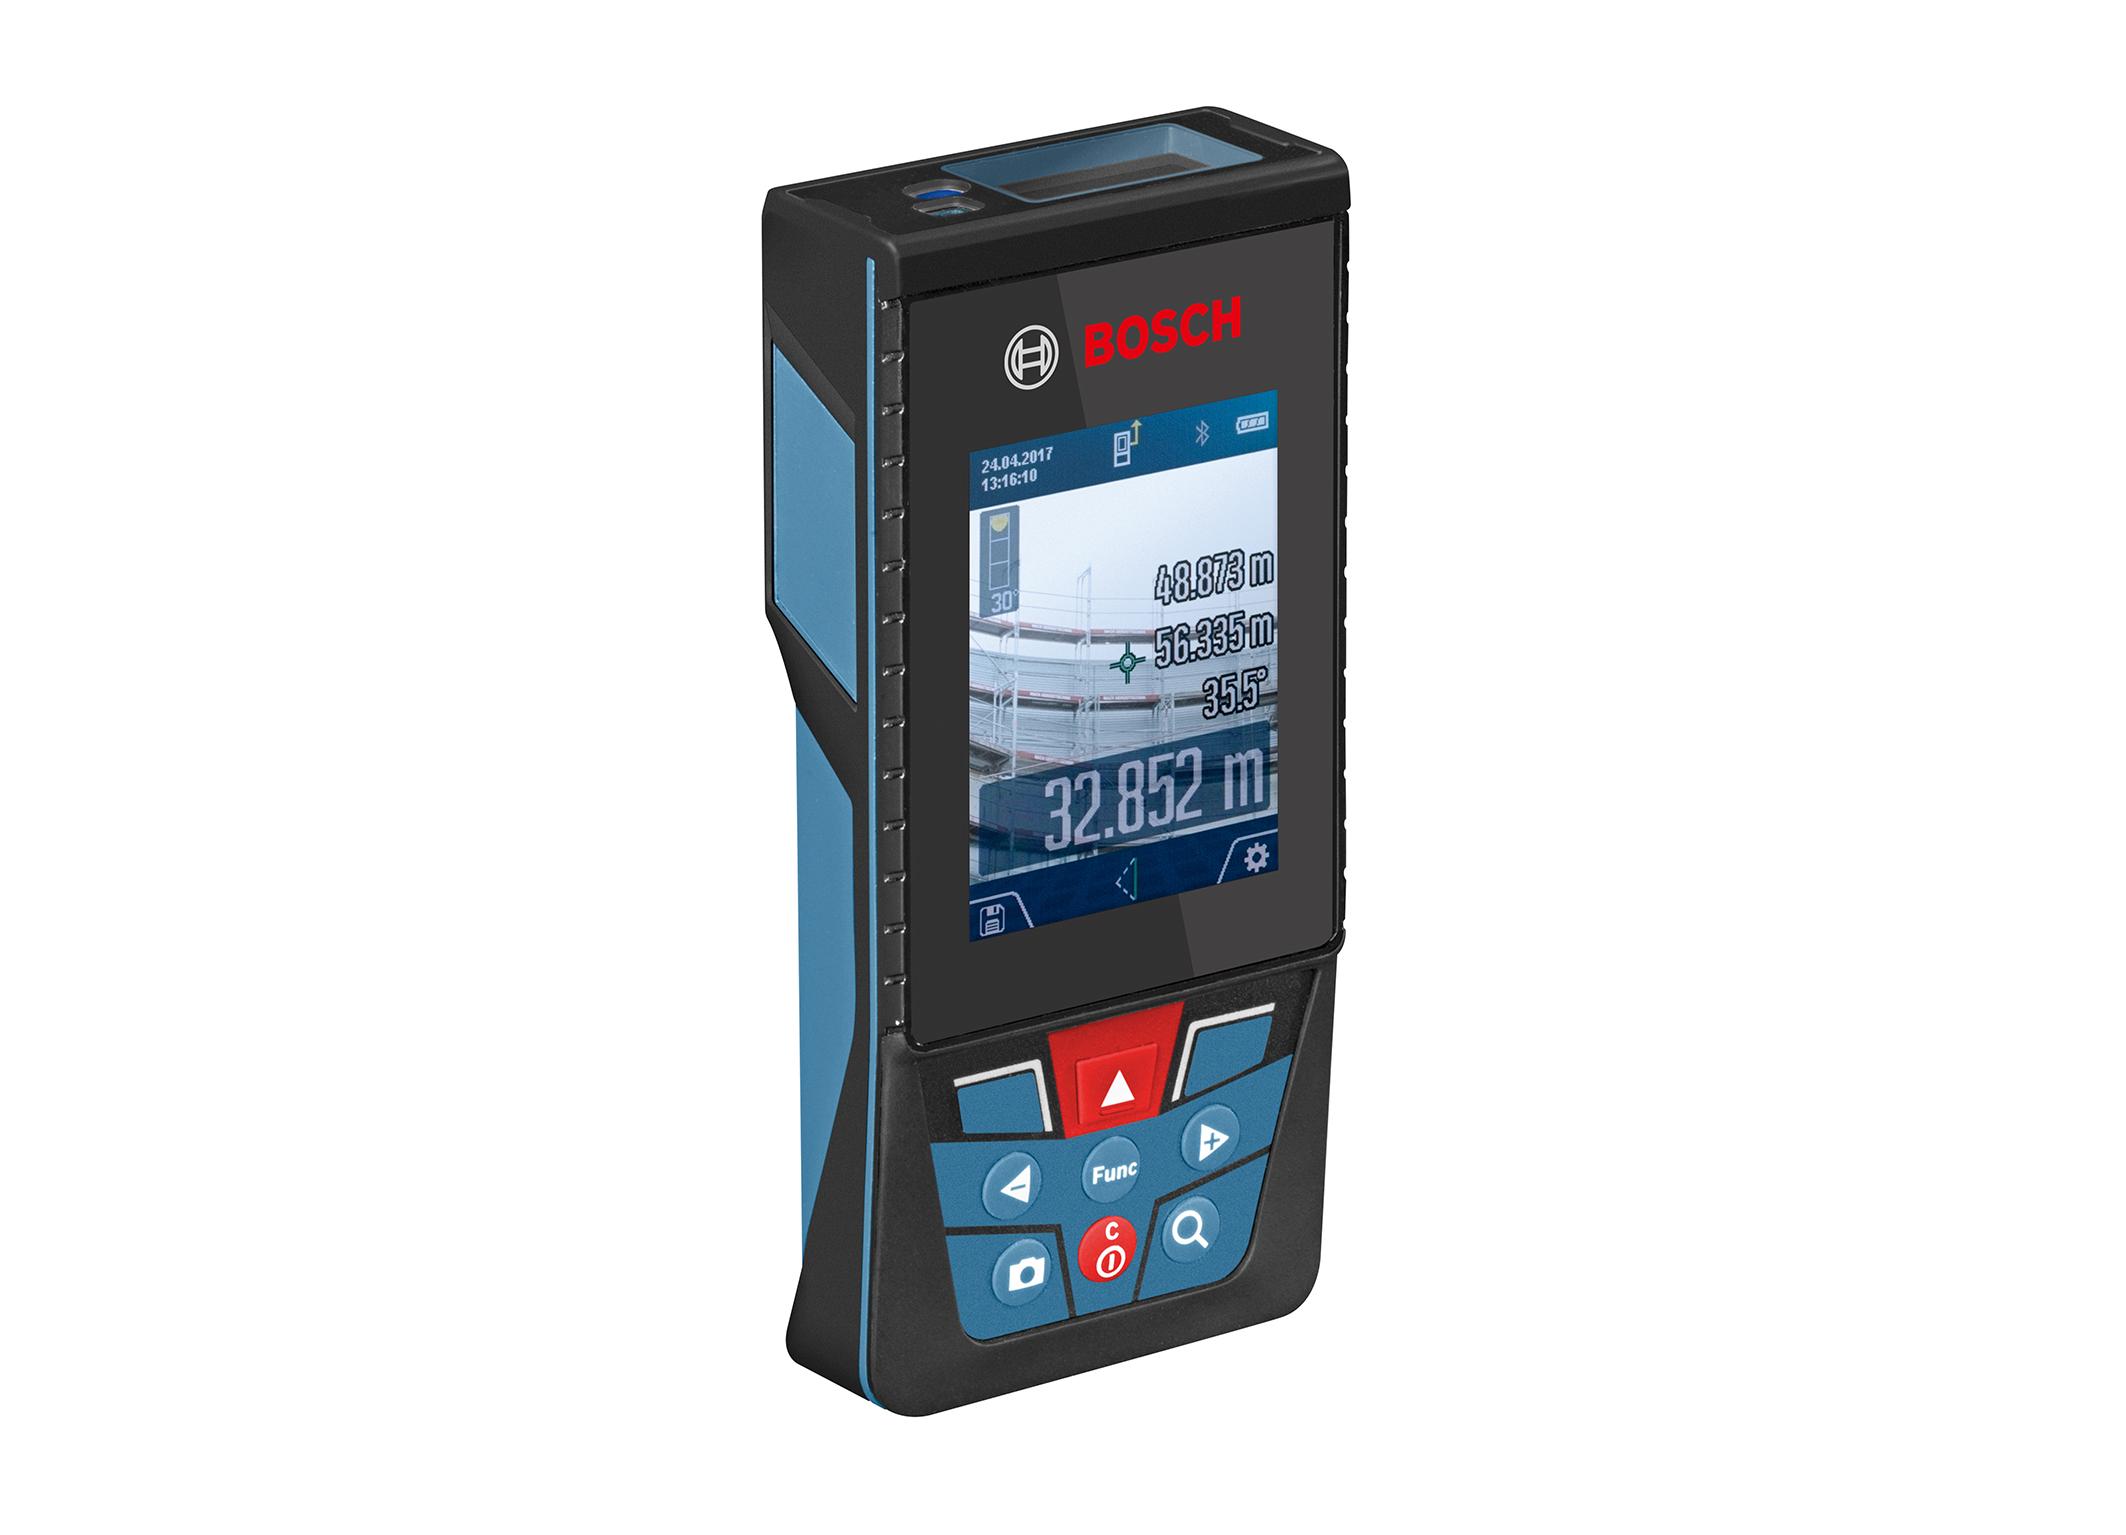 Erster Bosch Laser-Entfernungsmesser mit Kamera: der GLM 120 C Professional von Bosch